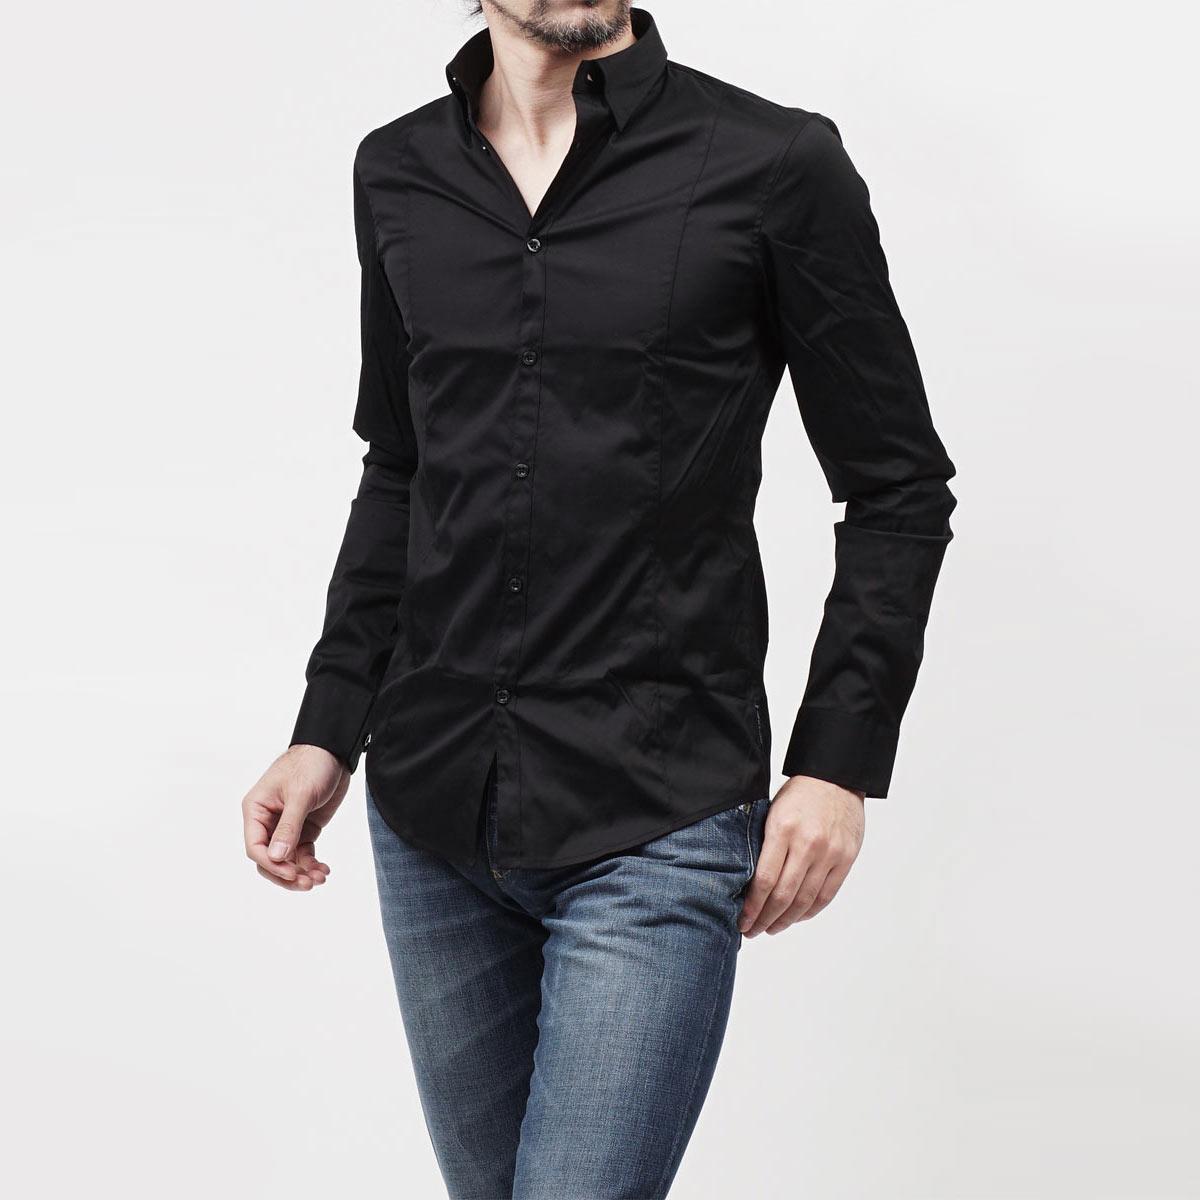 Armani jeans black dress